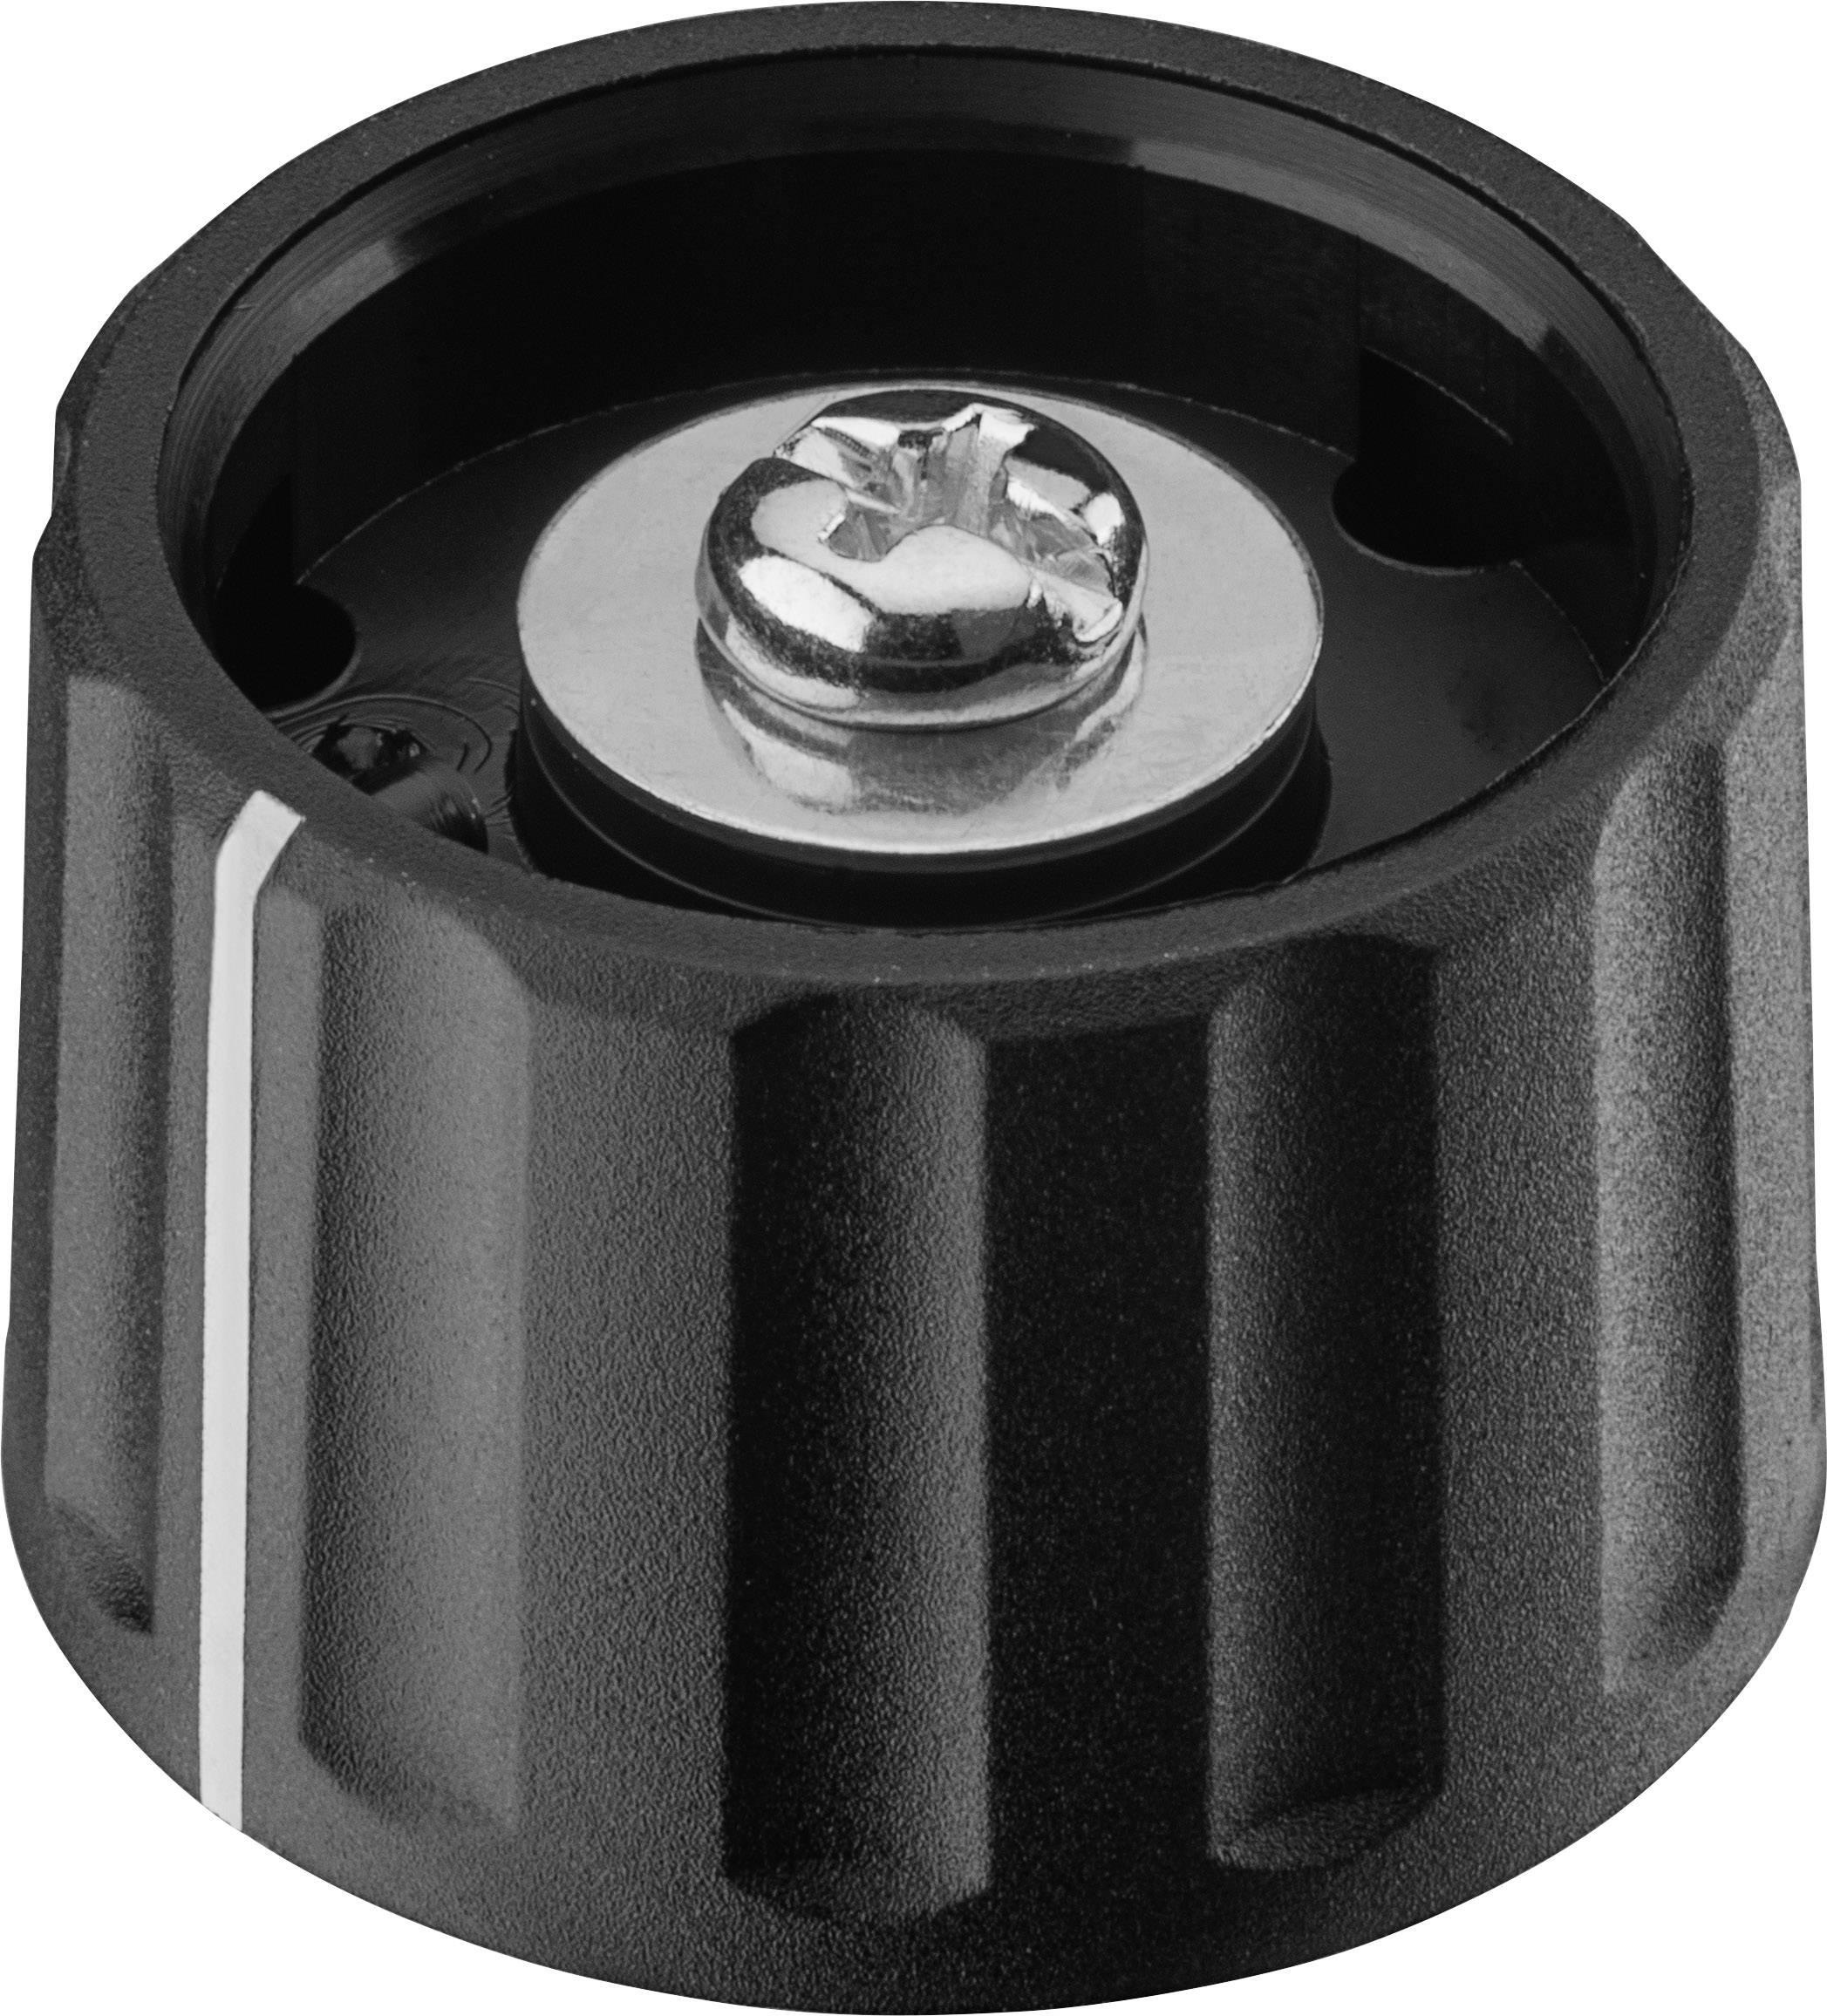 Otočný knoflík Ritel 27 28 60 3, (Ø x v) 28 mm x 18.2 mm, černá, 1 ks